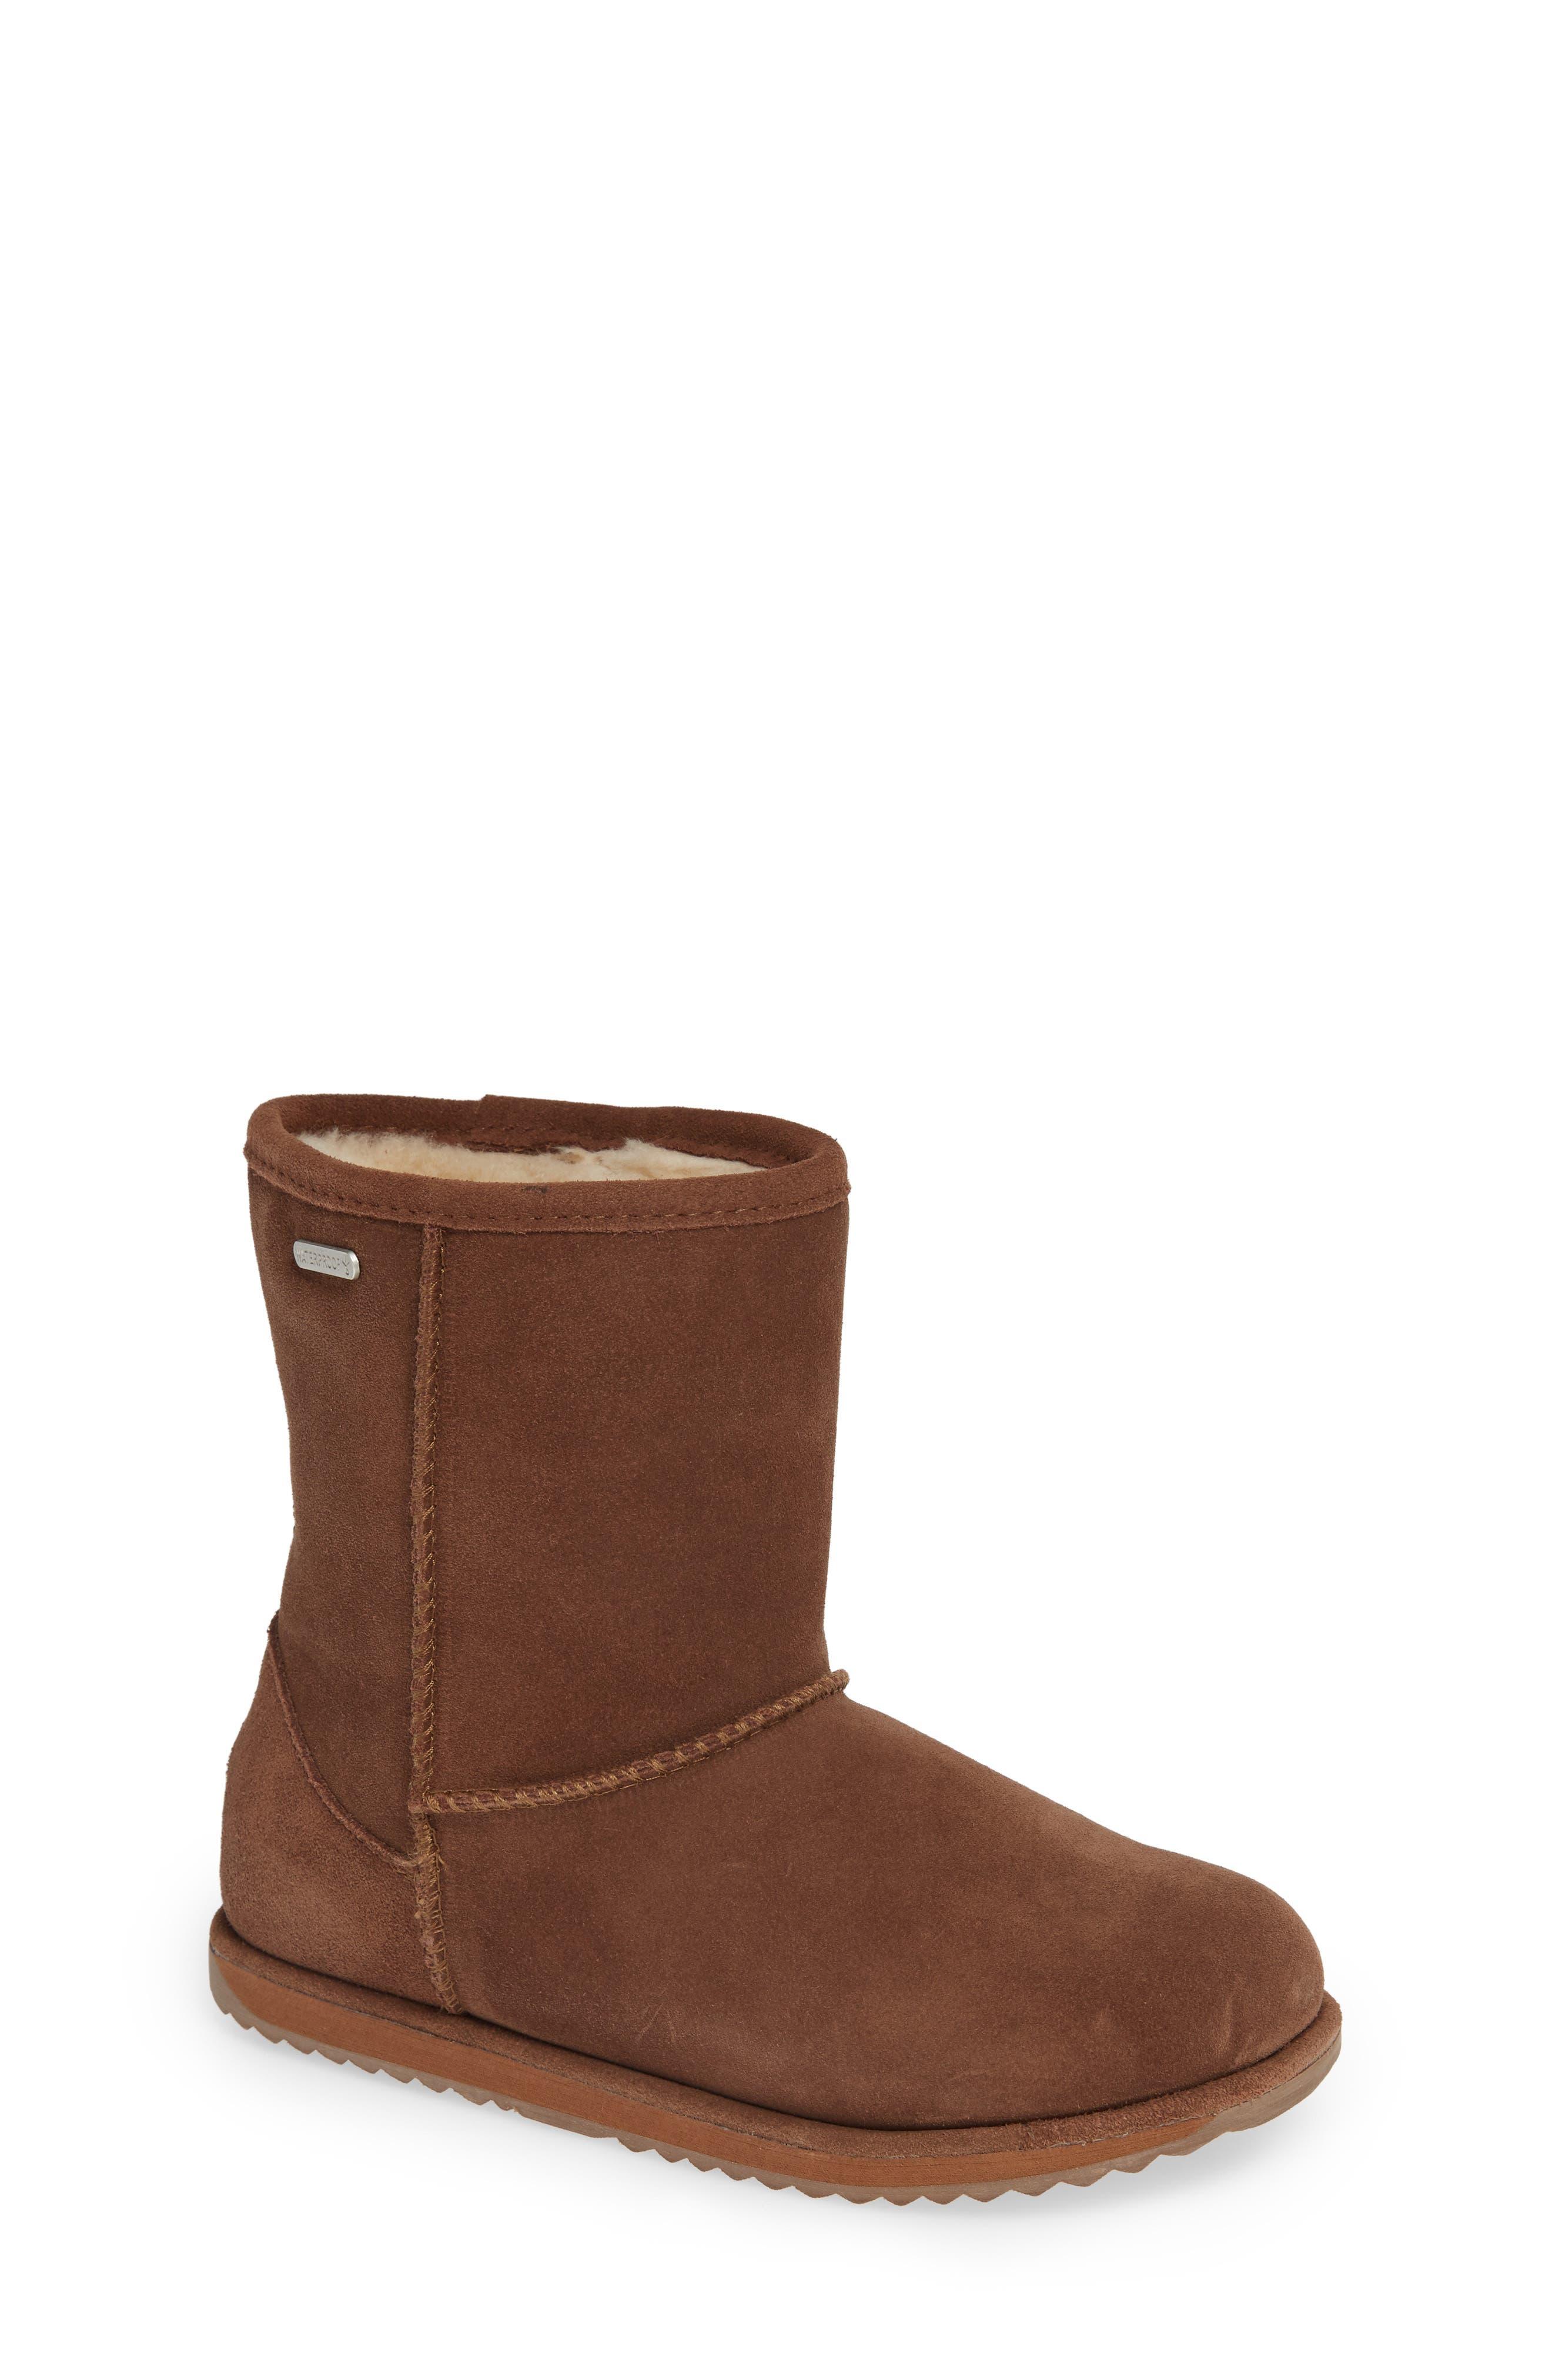 Brumby Waterproof Boot,                             Main thumbnail 1, color,                             Oak Brown